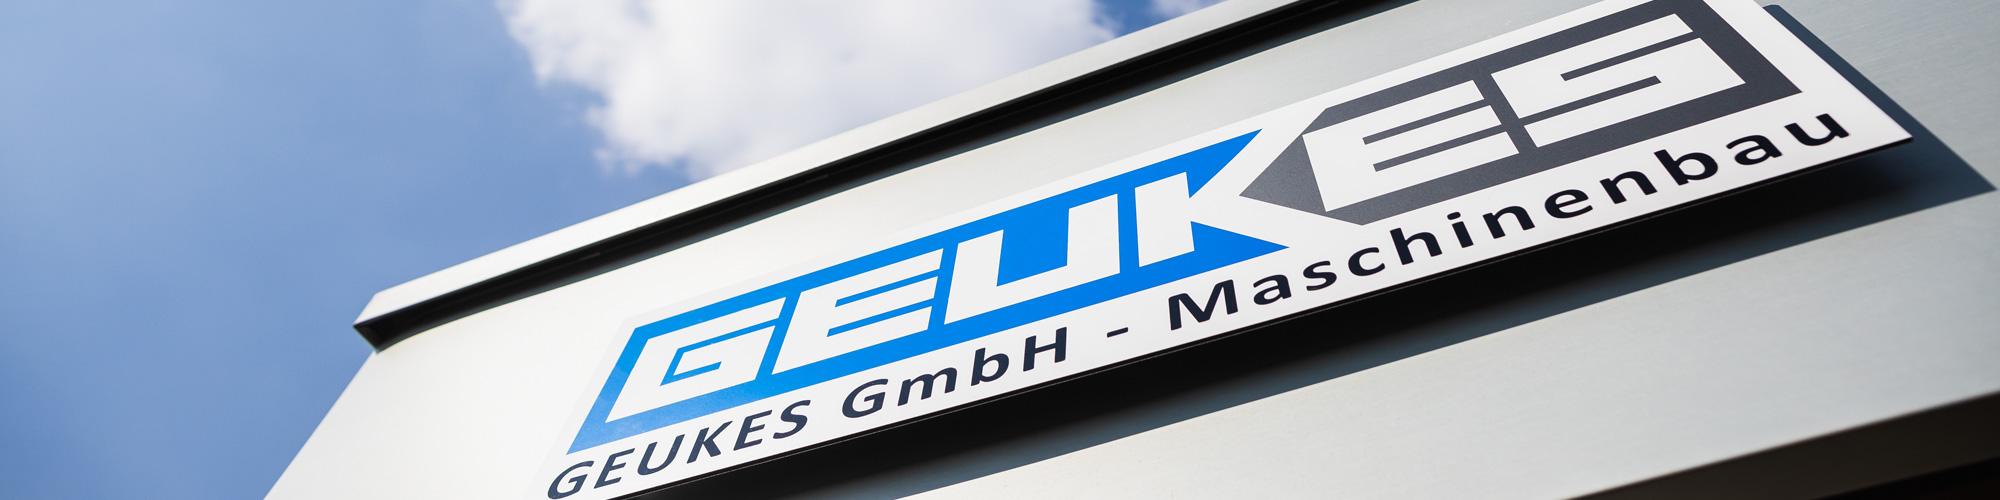 Geukes GmbH- Maschinenbau - Dienstleistungen